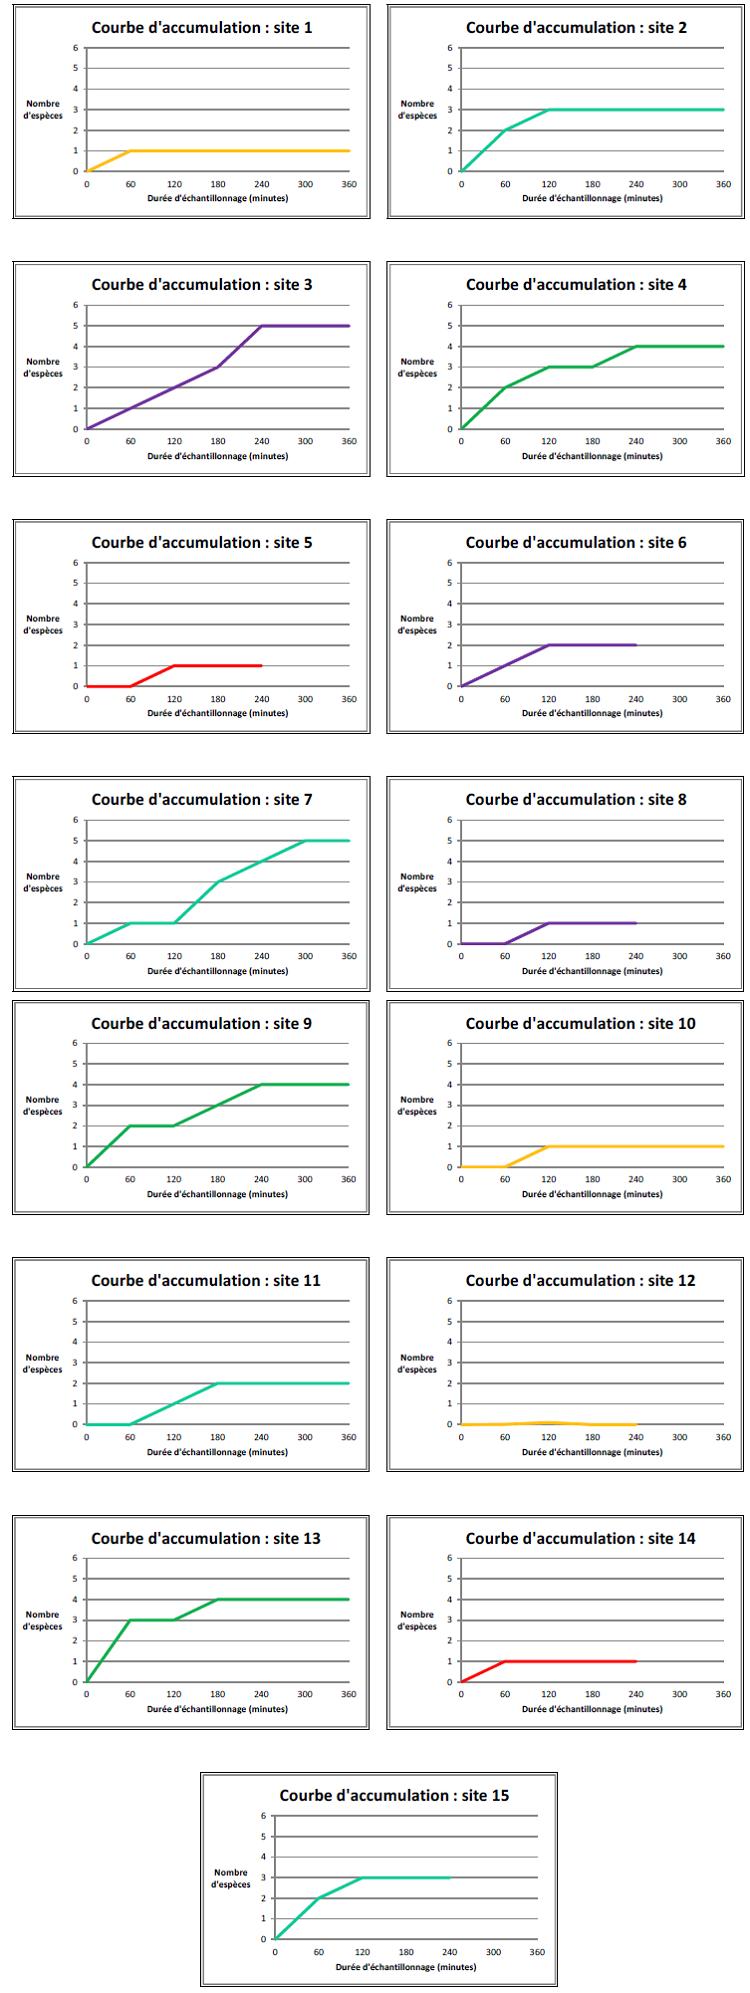 Courbe d'accumulation de chaque site échantillonné